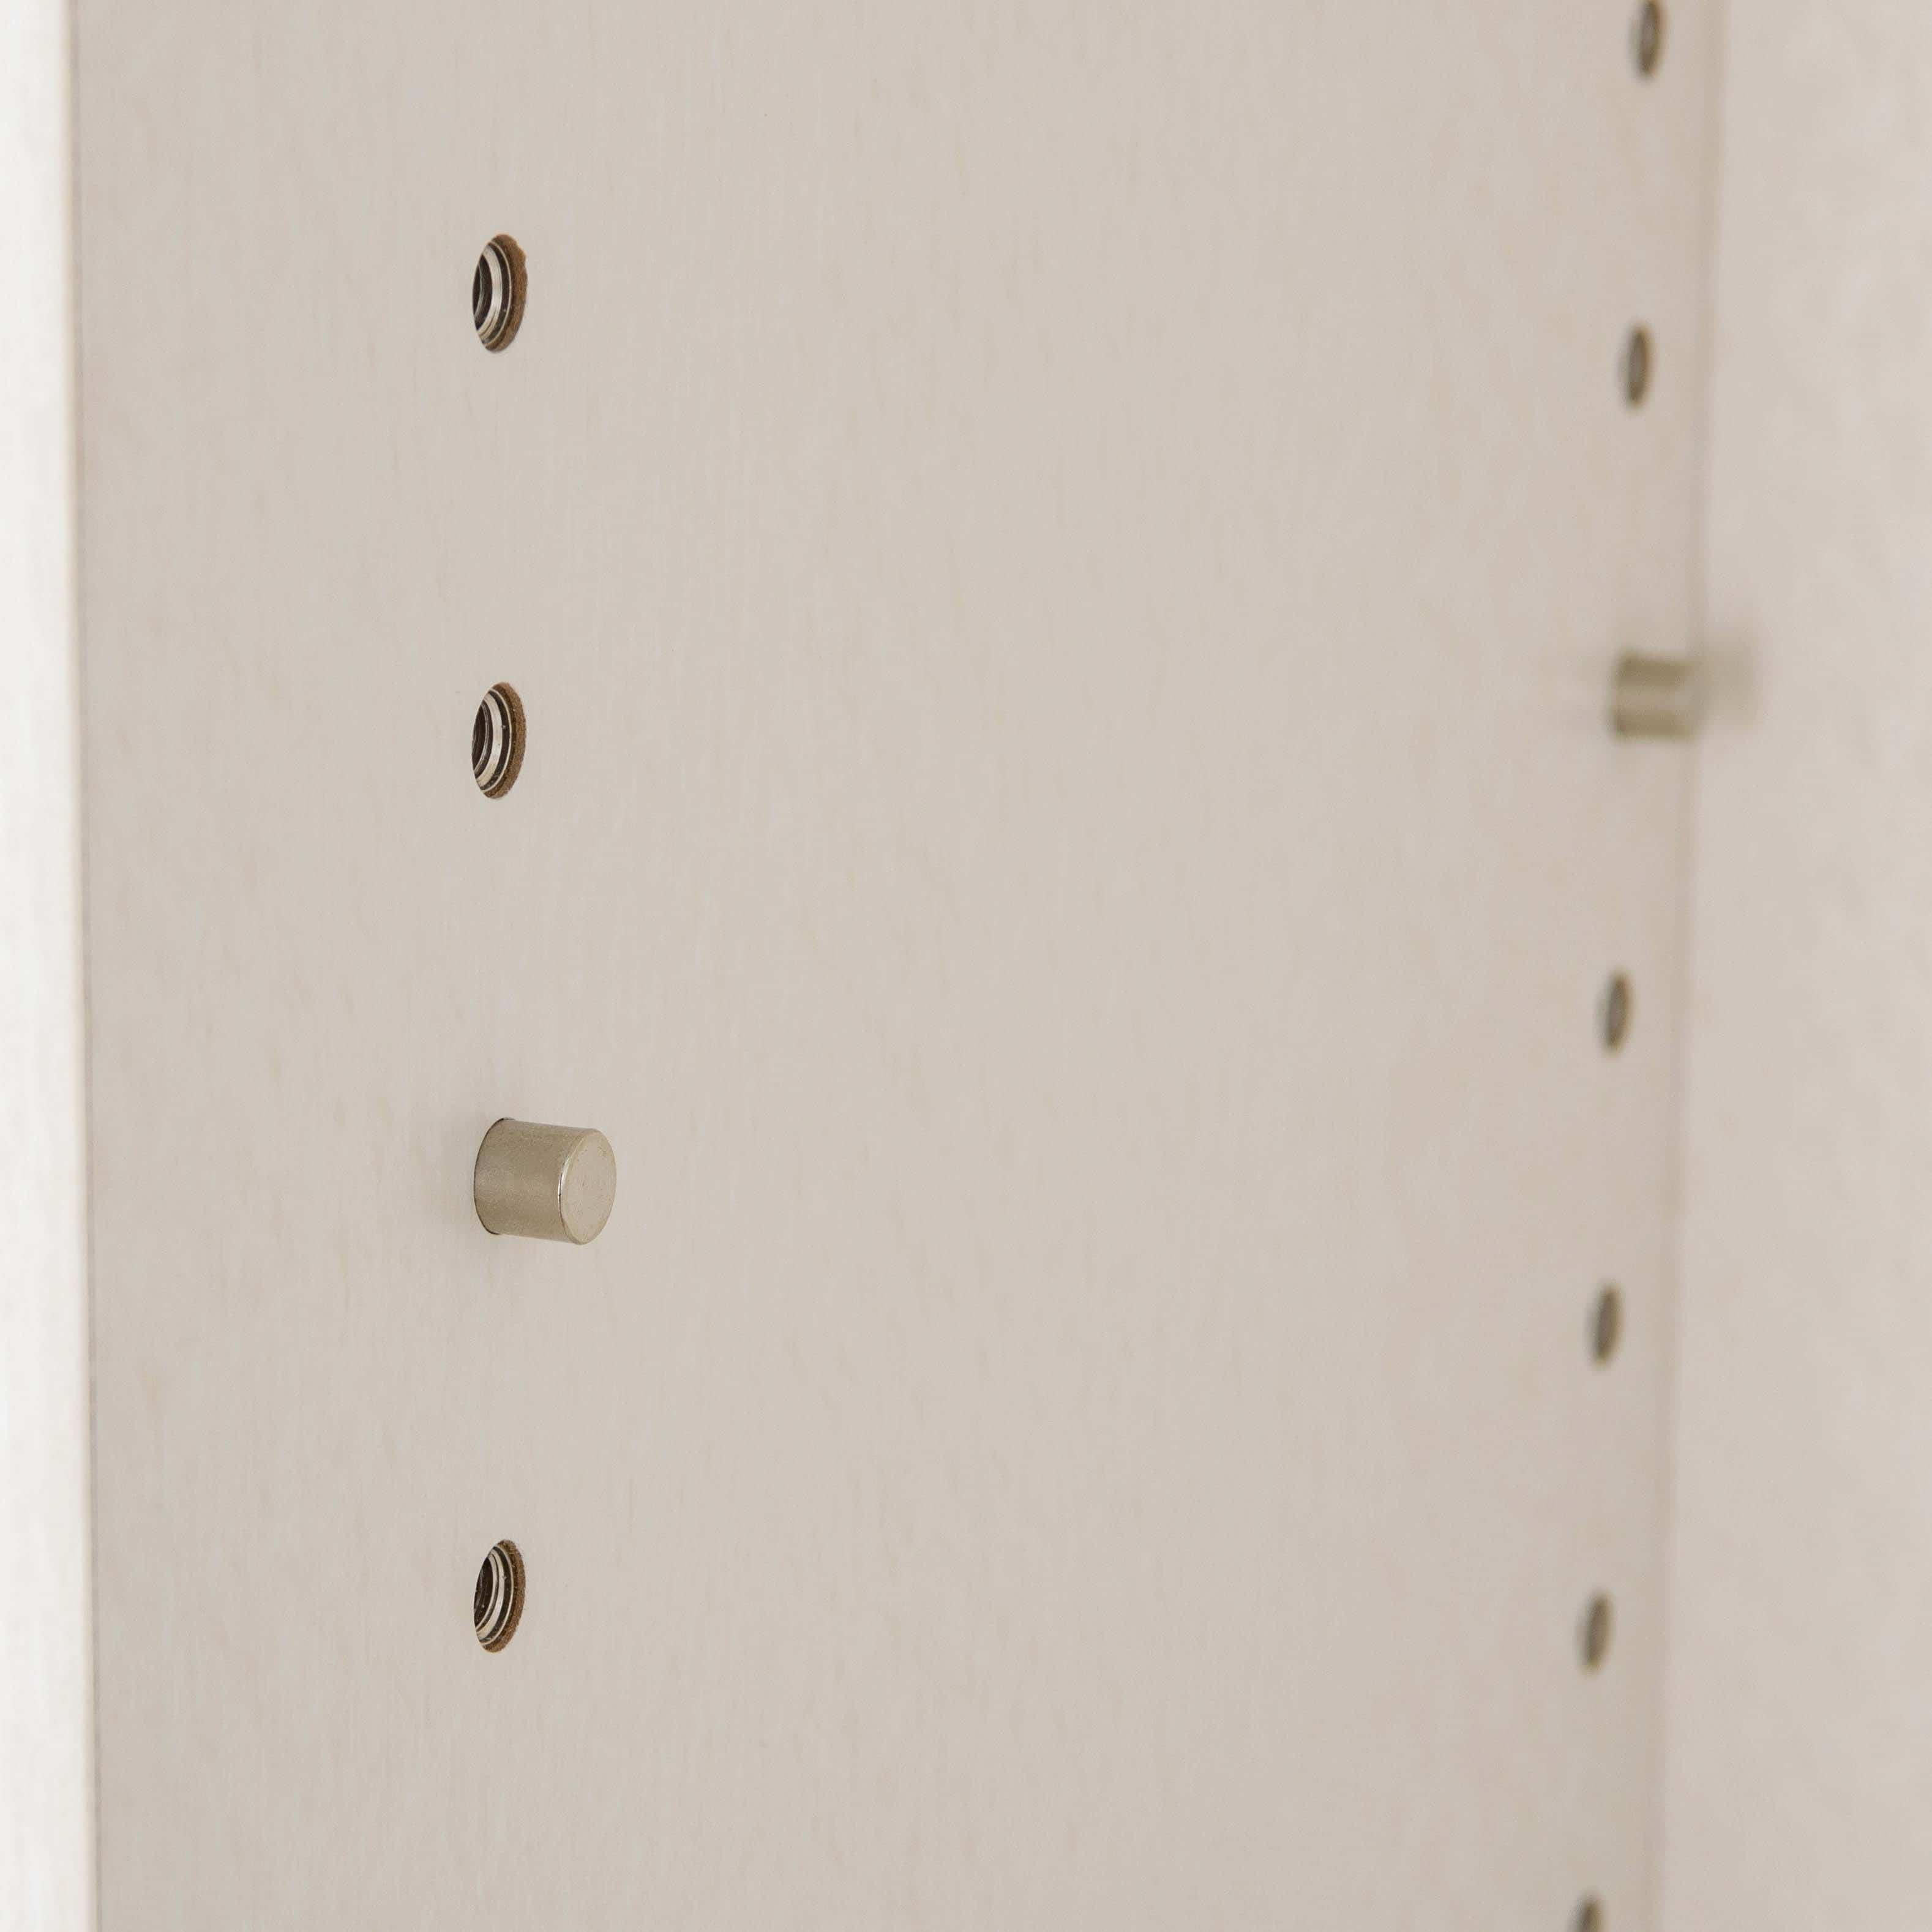 小島工芸 引出 アコード75用(ホワイト):キレイに収まる魅せる収納